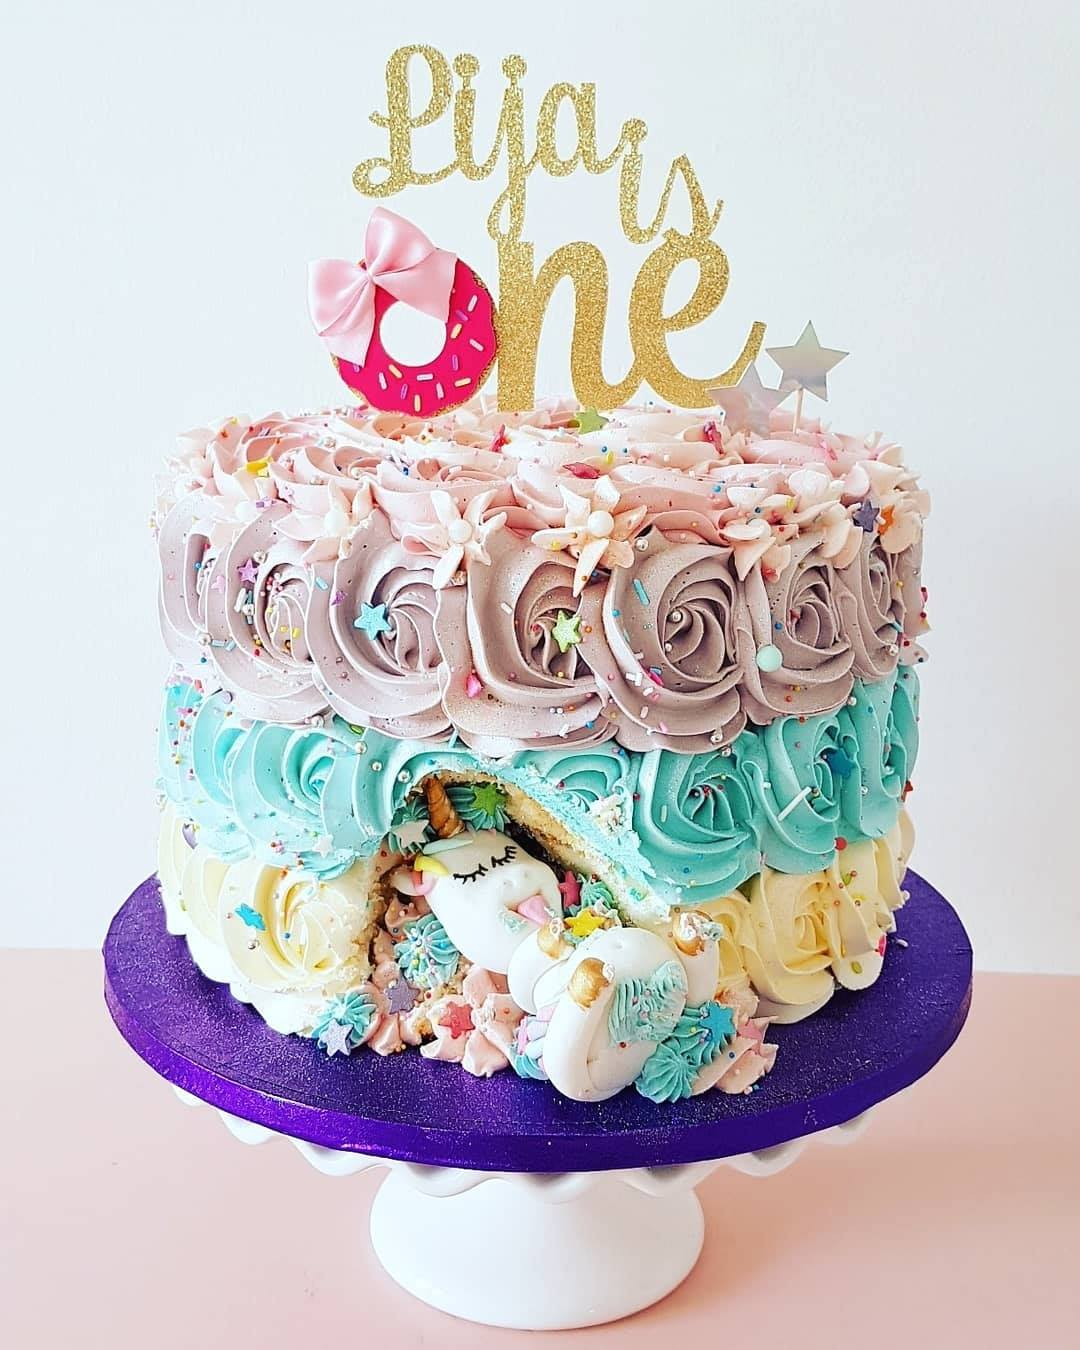 Greedy Unicorn Cake